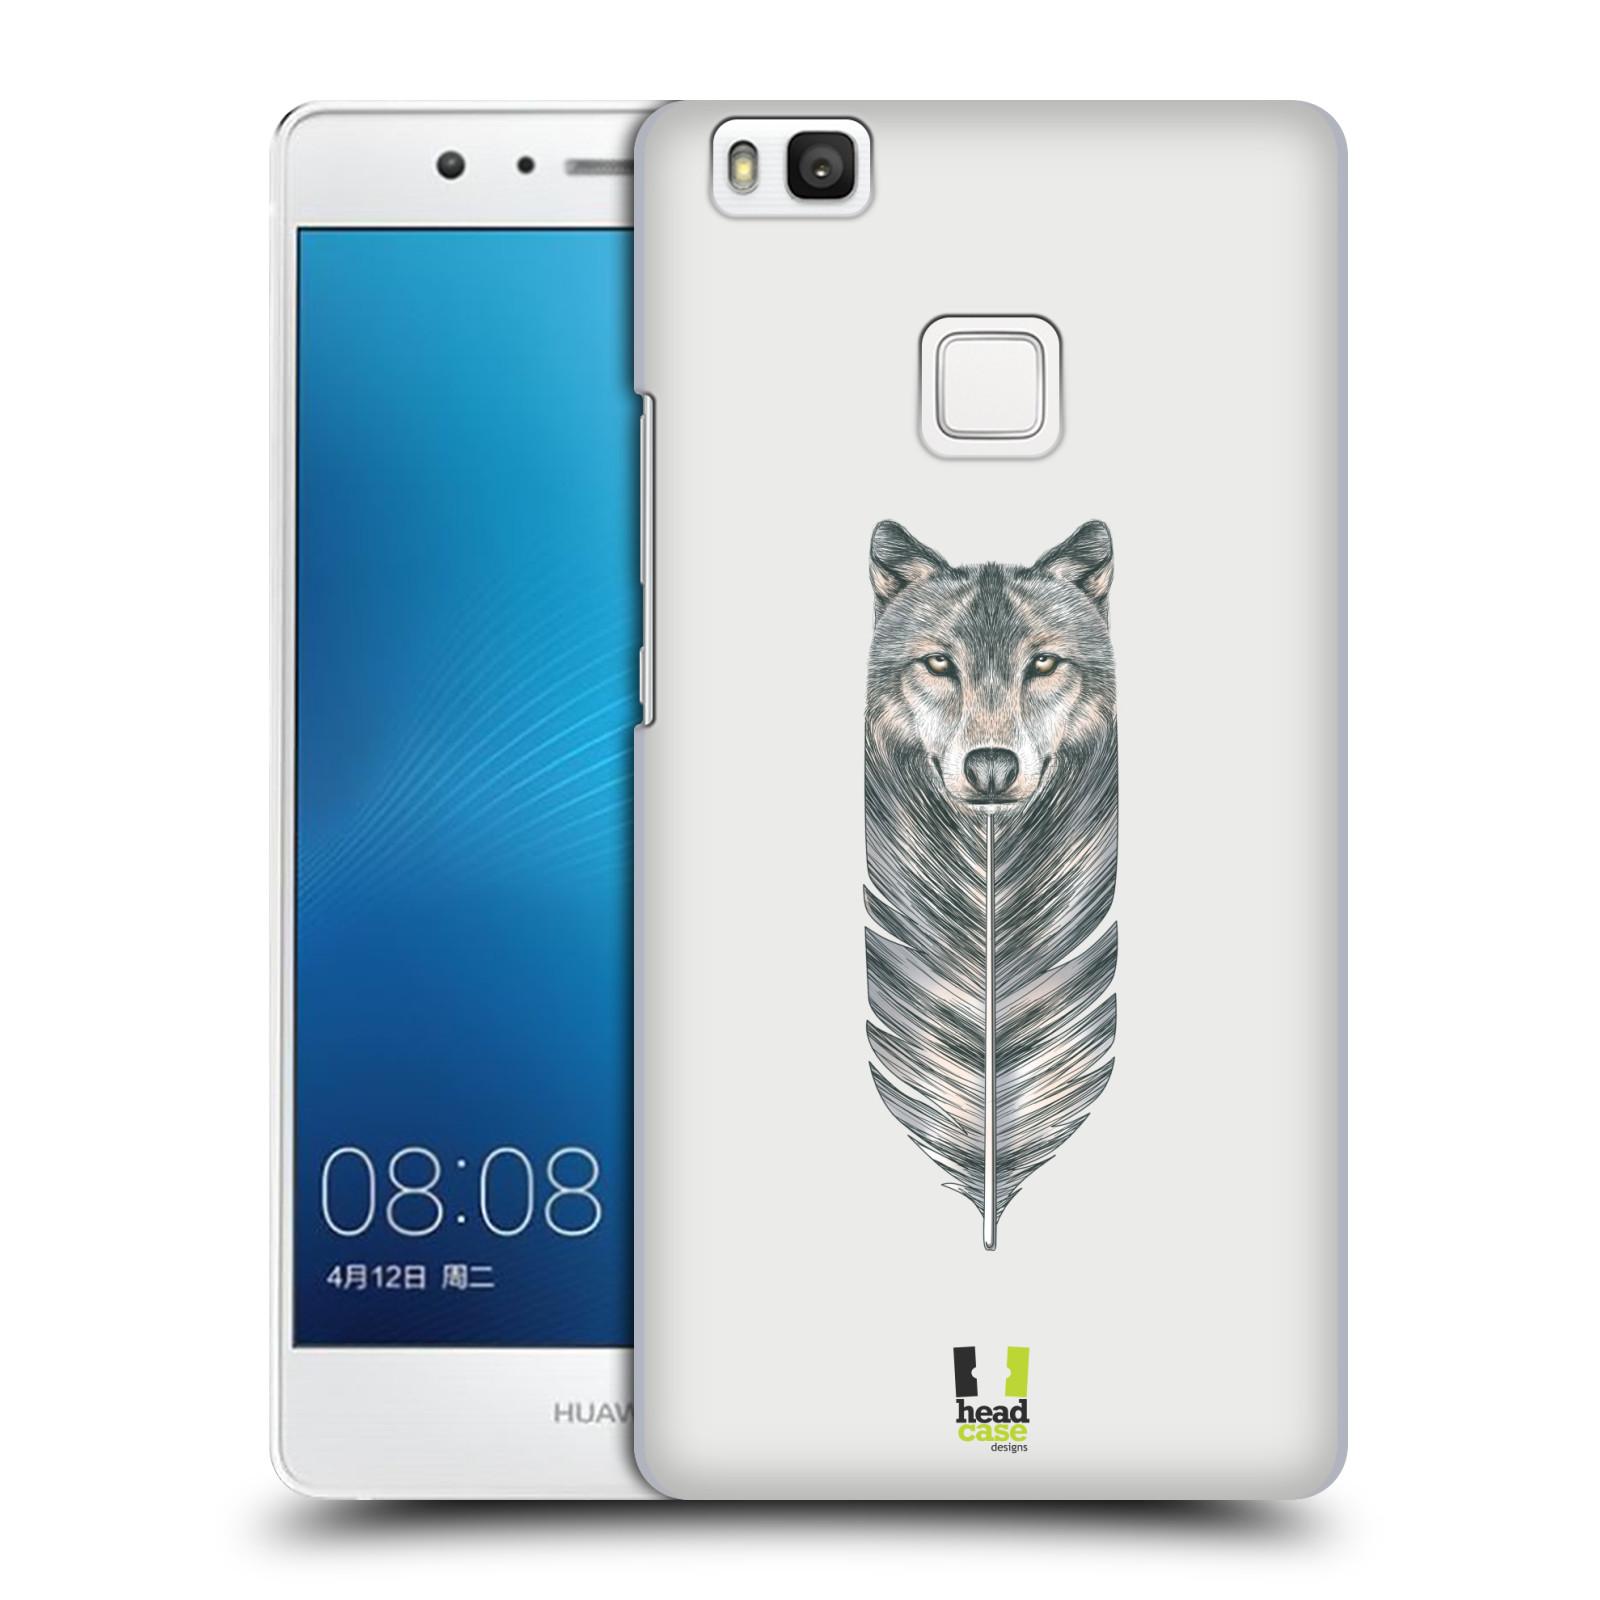 HEAD CASE plastový obal na mobil Huawei P9 LITE / P9 LITE DUAL SIM vzor zvířecí pírka vlk